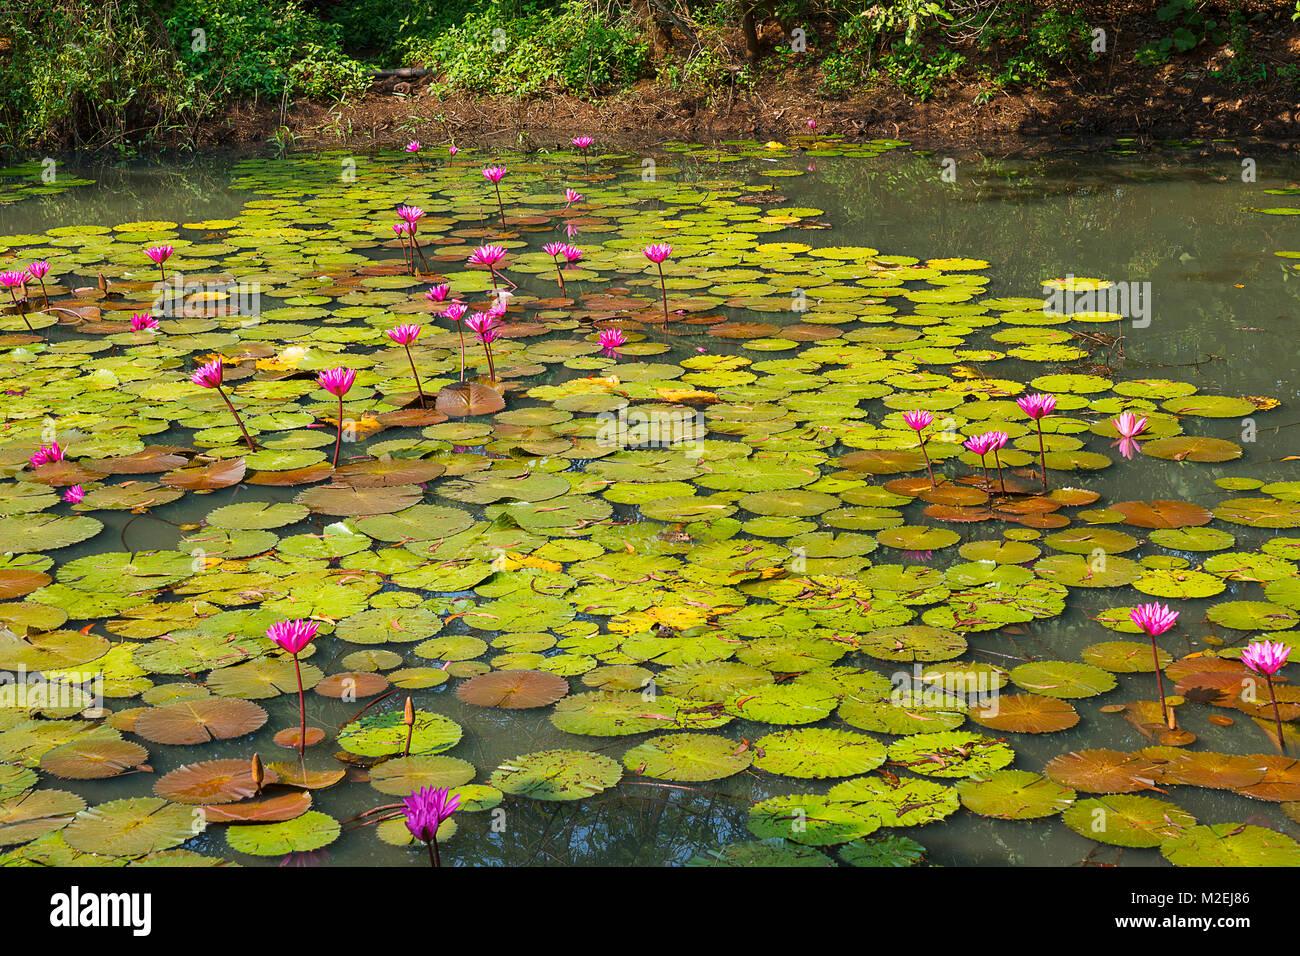 Pond Full Of Pink Lily Lotus Pink Water Lily Or Pink Lotus Kumud